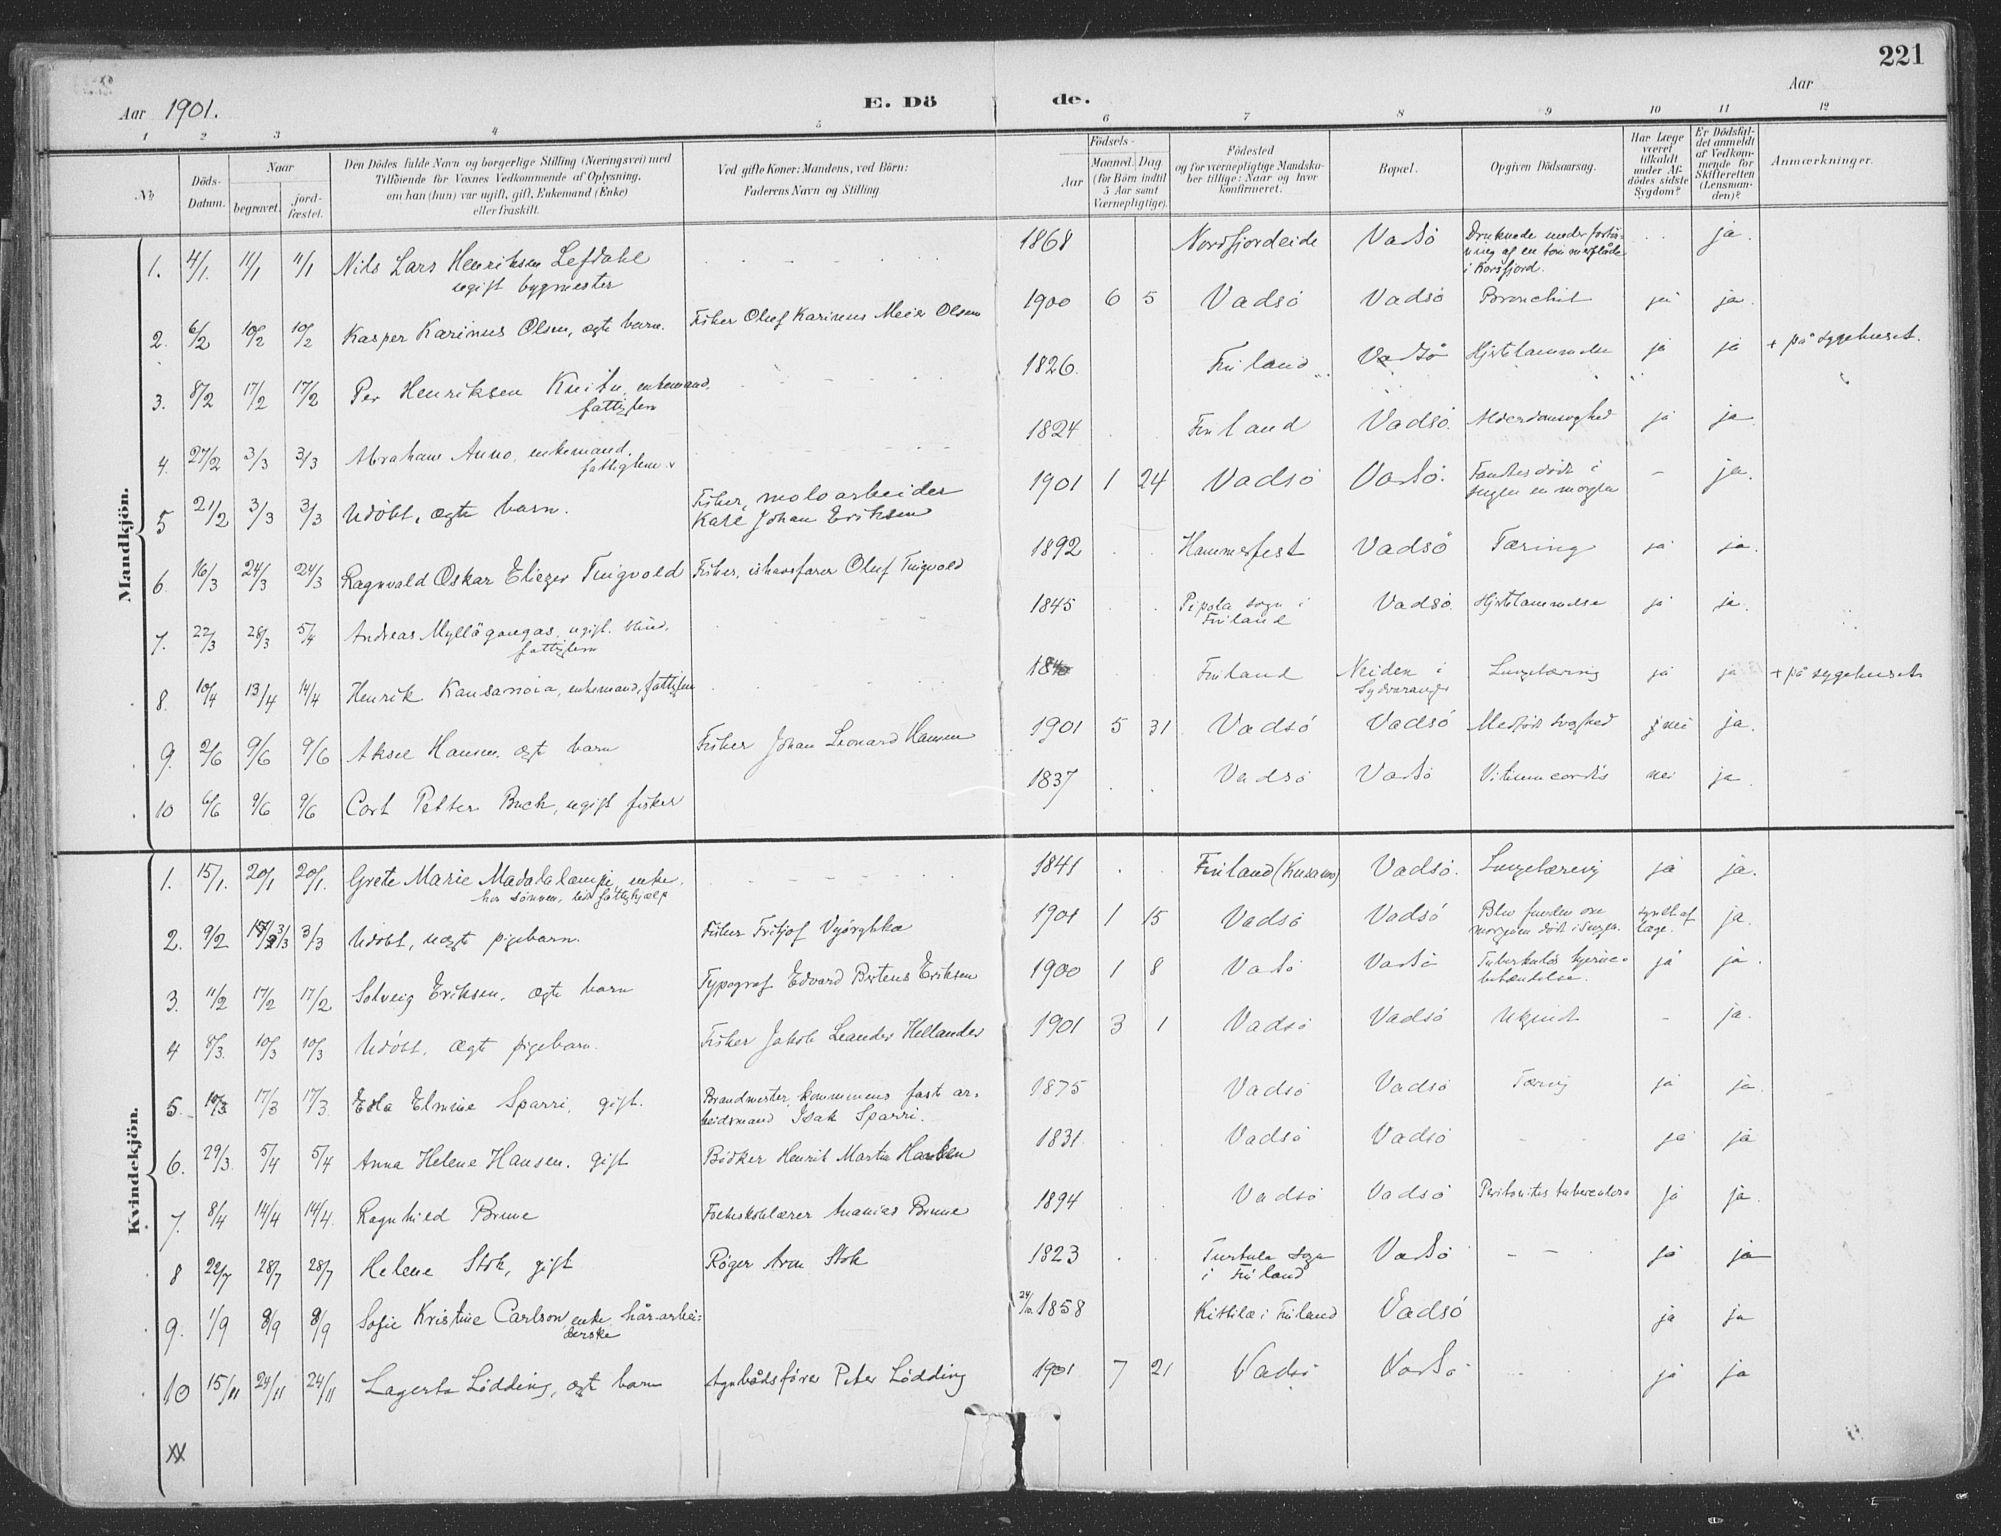 SATØ, Vadsø sokneprestkontor, H/Ha/L0007kirke: Ministerialbok nr. 7, 1896-1916, s. 221